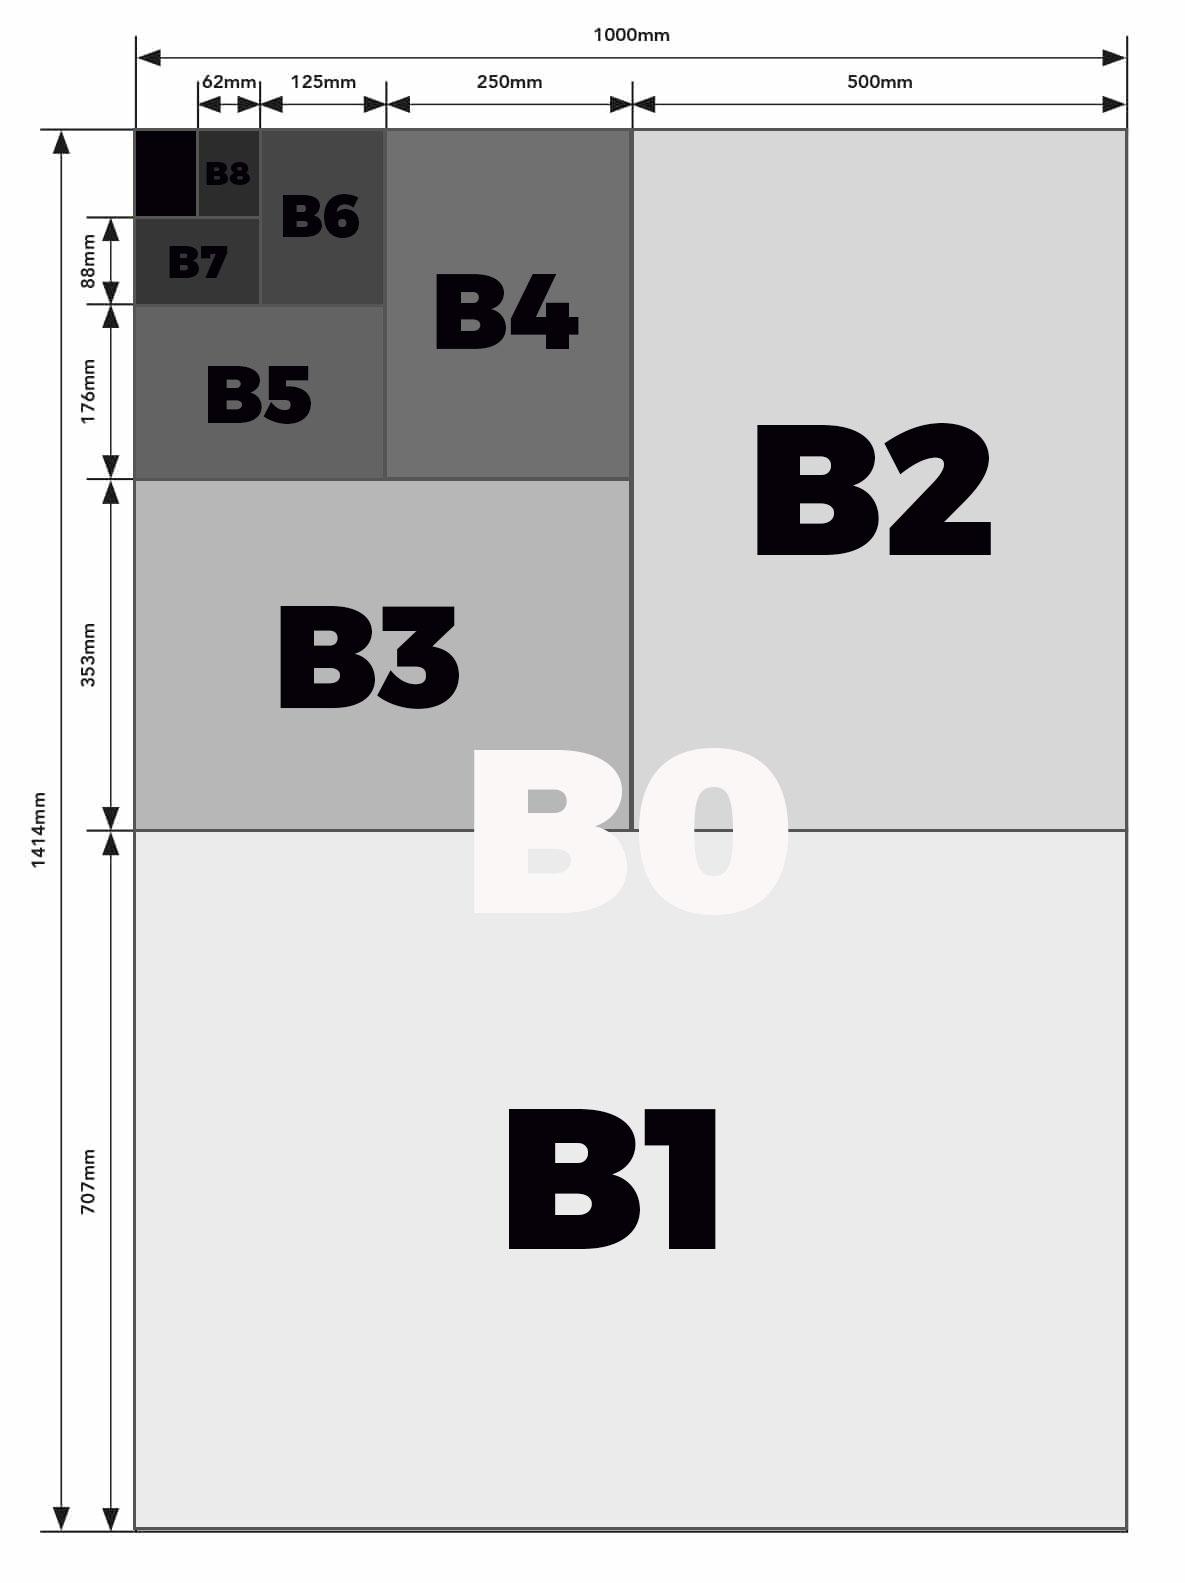 gudie to brochure printing - b paper size